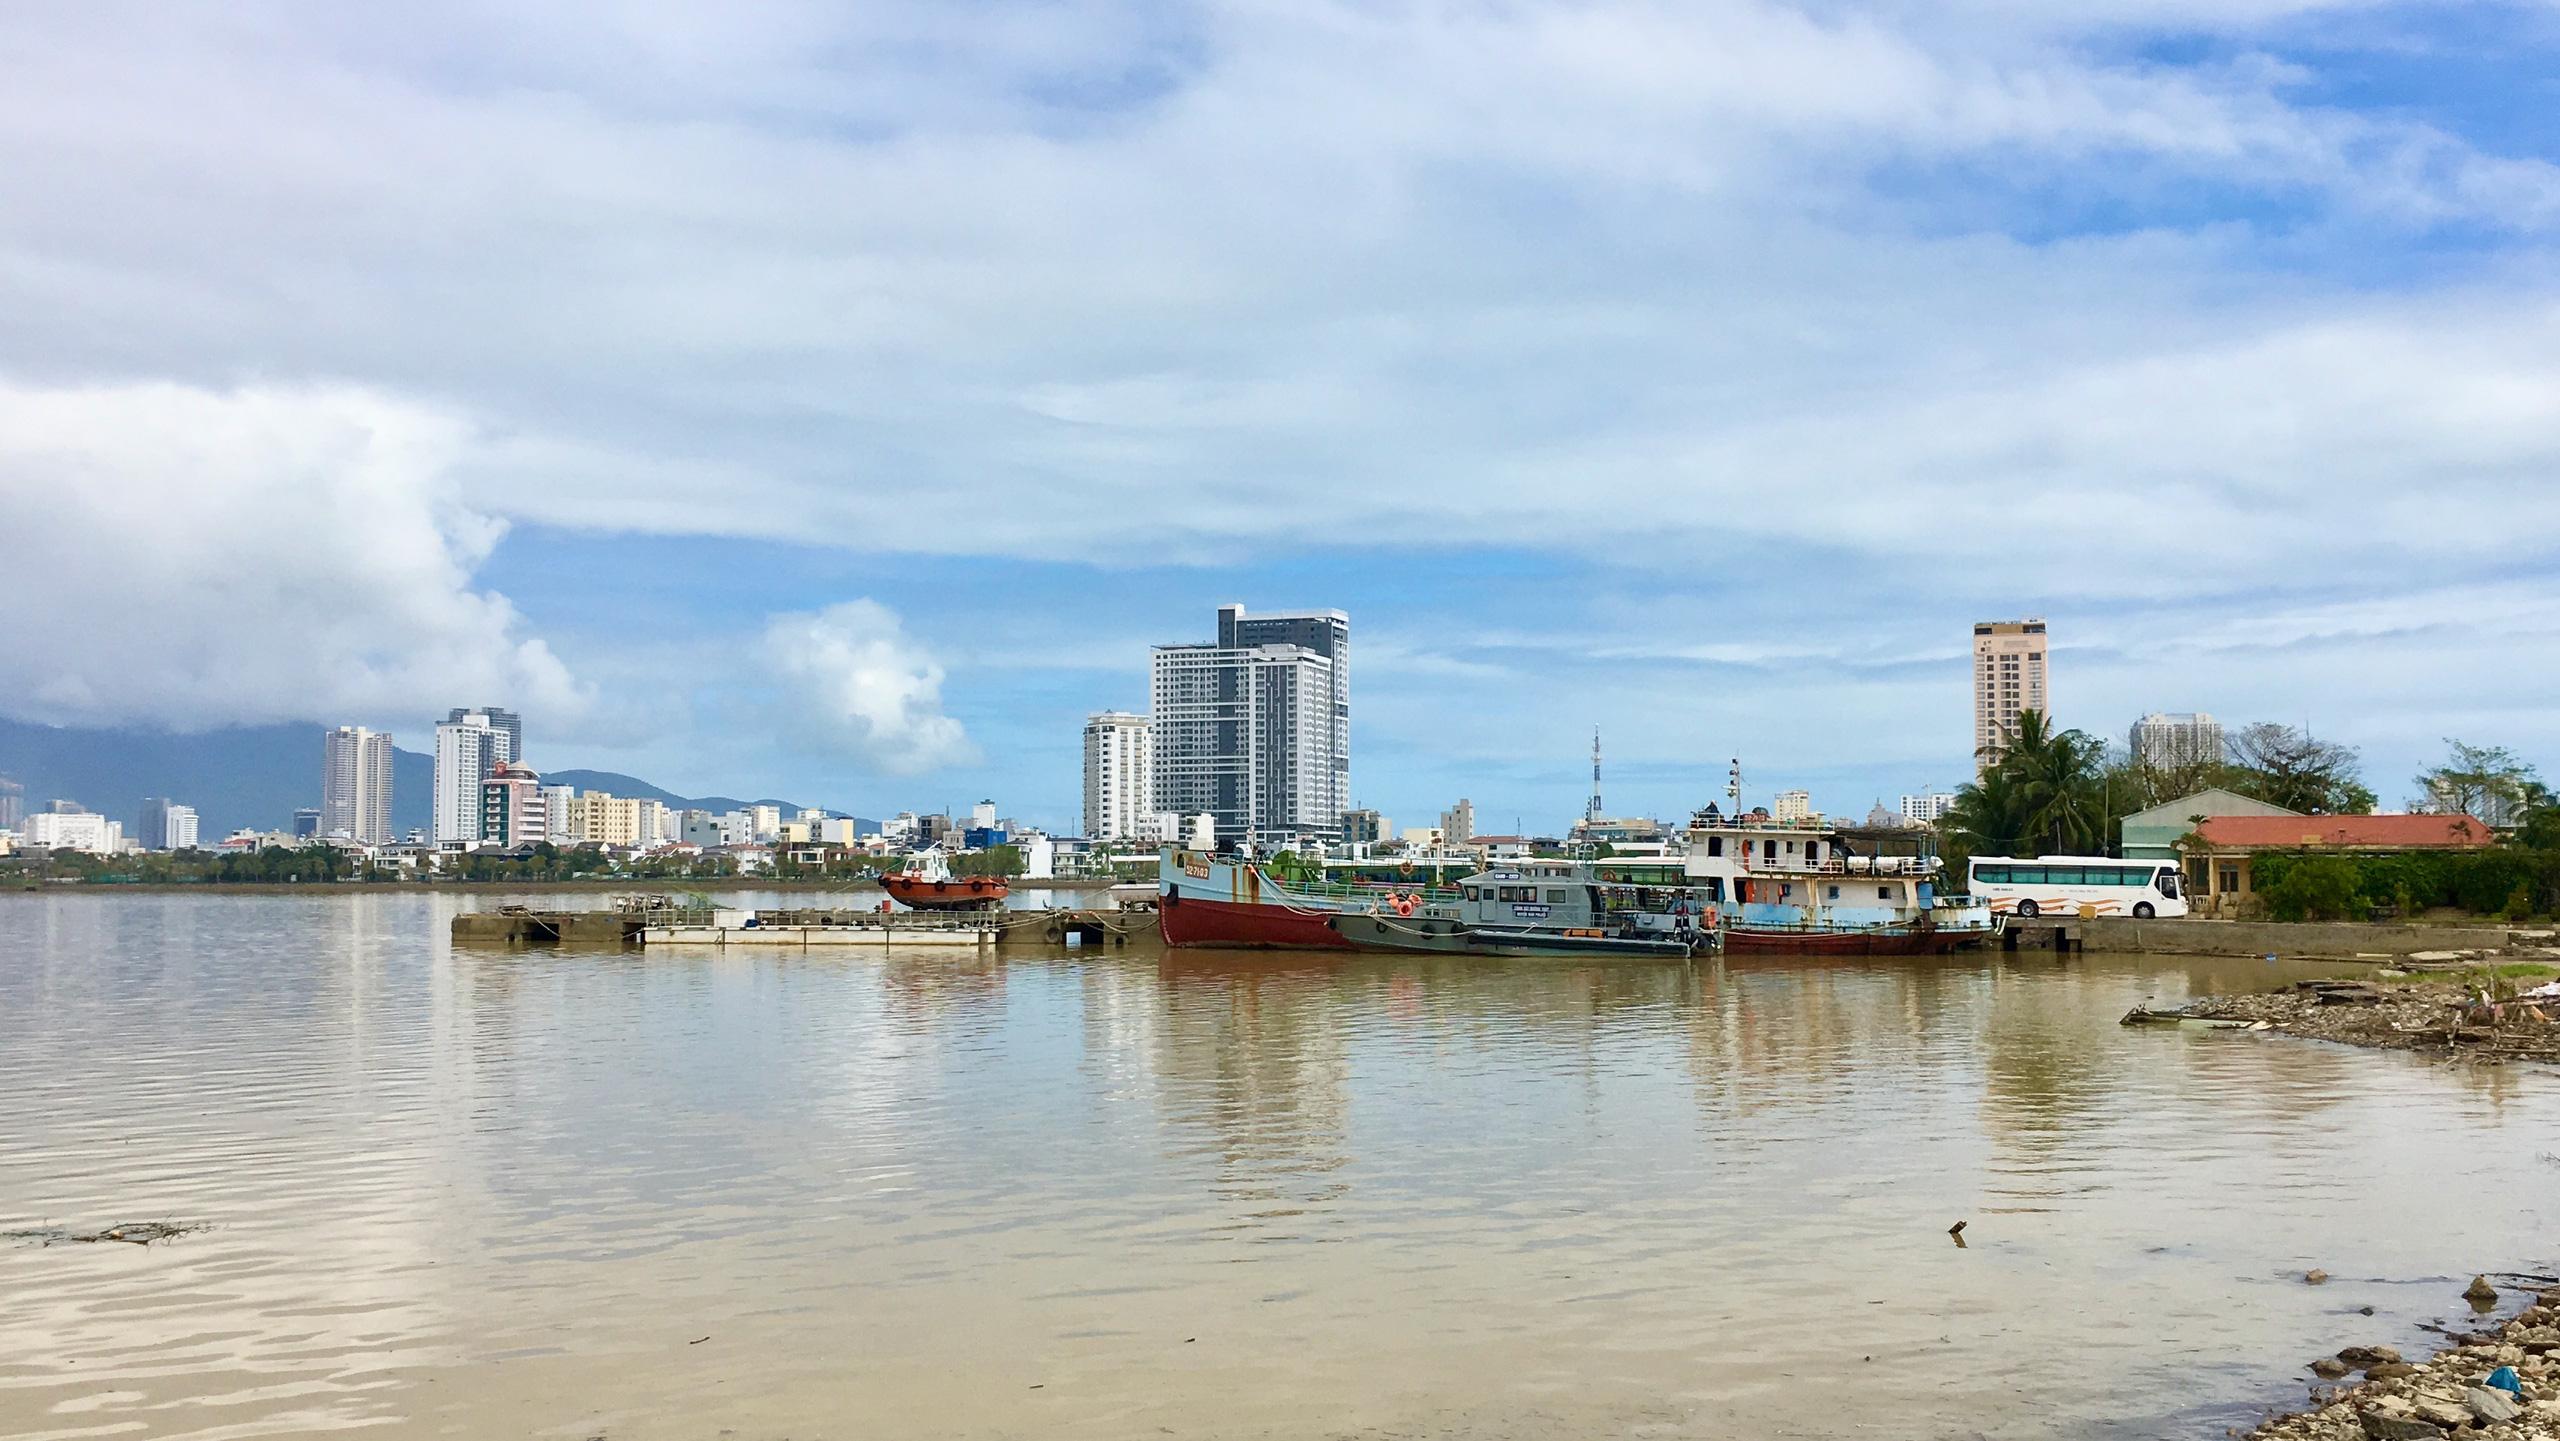 Hai vị trí ven sông Hàn Đà Nẵng kêu gọi đầu tư bến du thuyền quốc tế - Ảnh 1.